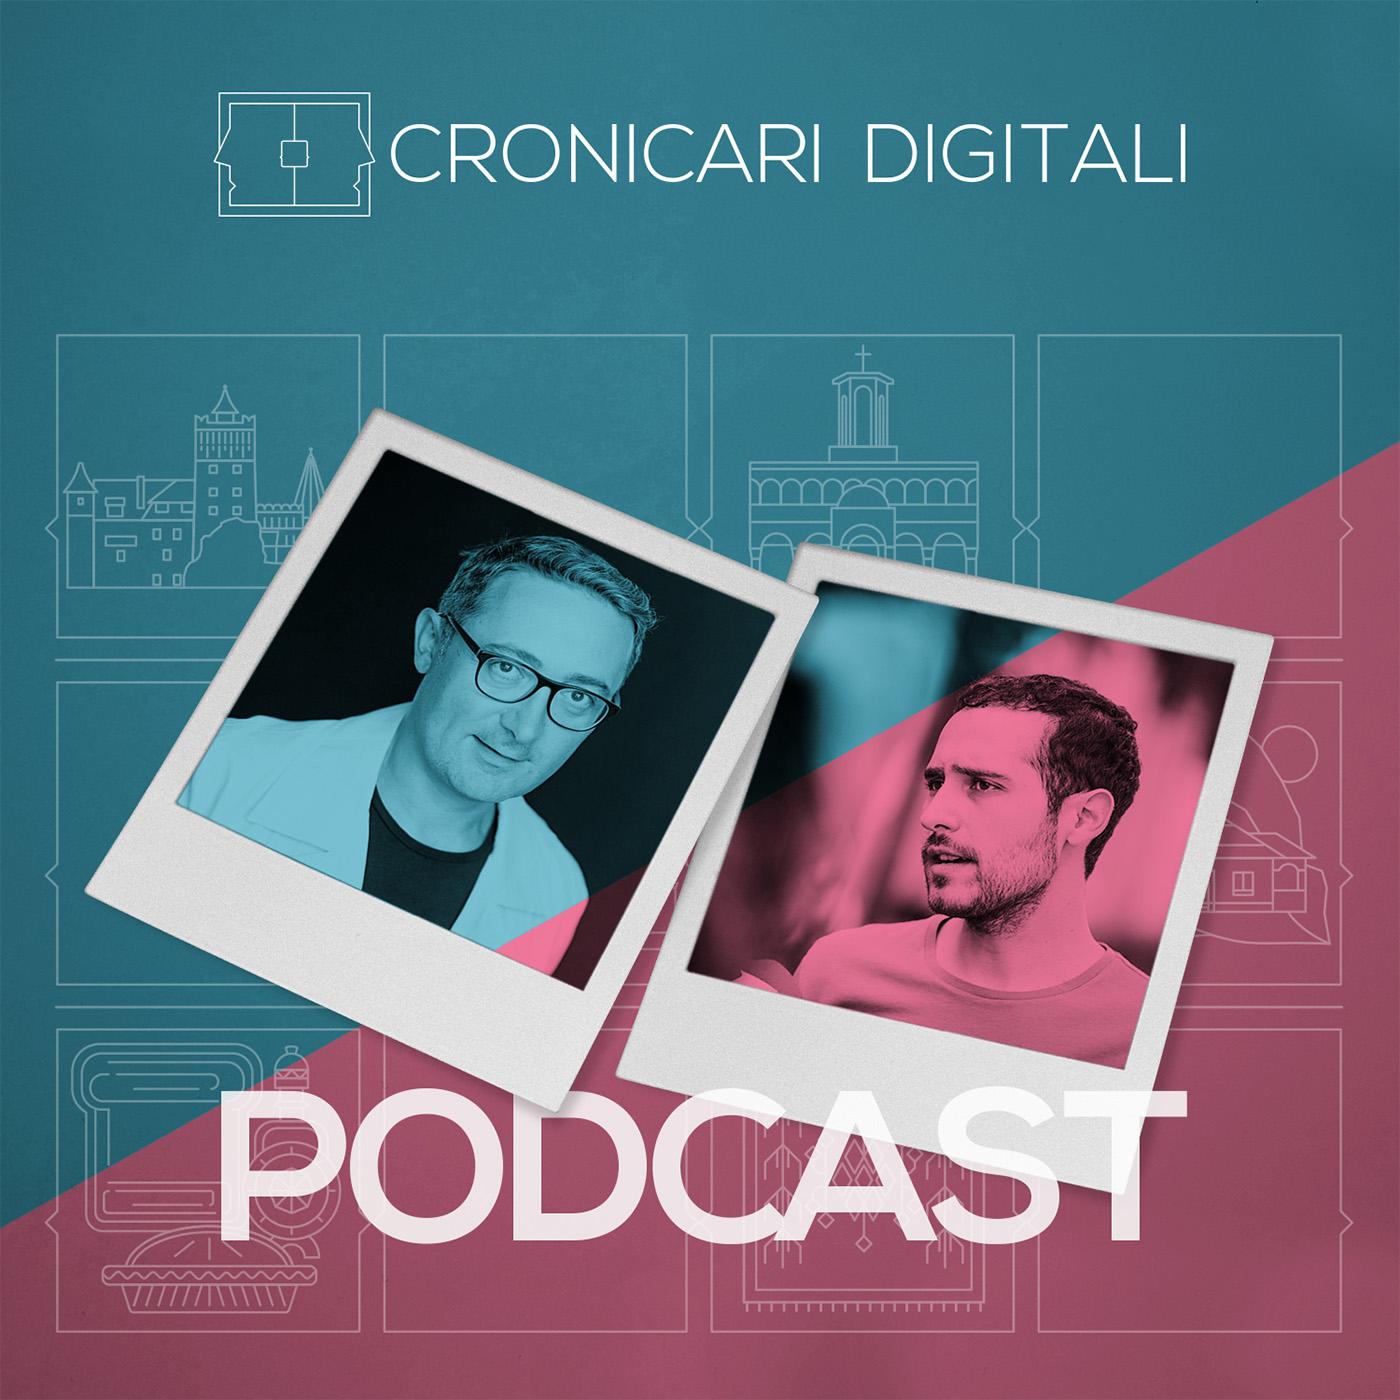 #cronicaridigitali S1 episod 12, Invitați Tudor Giurgiu & Edmund Niculușcă, moderator Cristian Șimonca, aka Blogu lu' Otravă